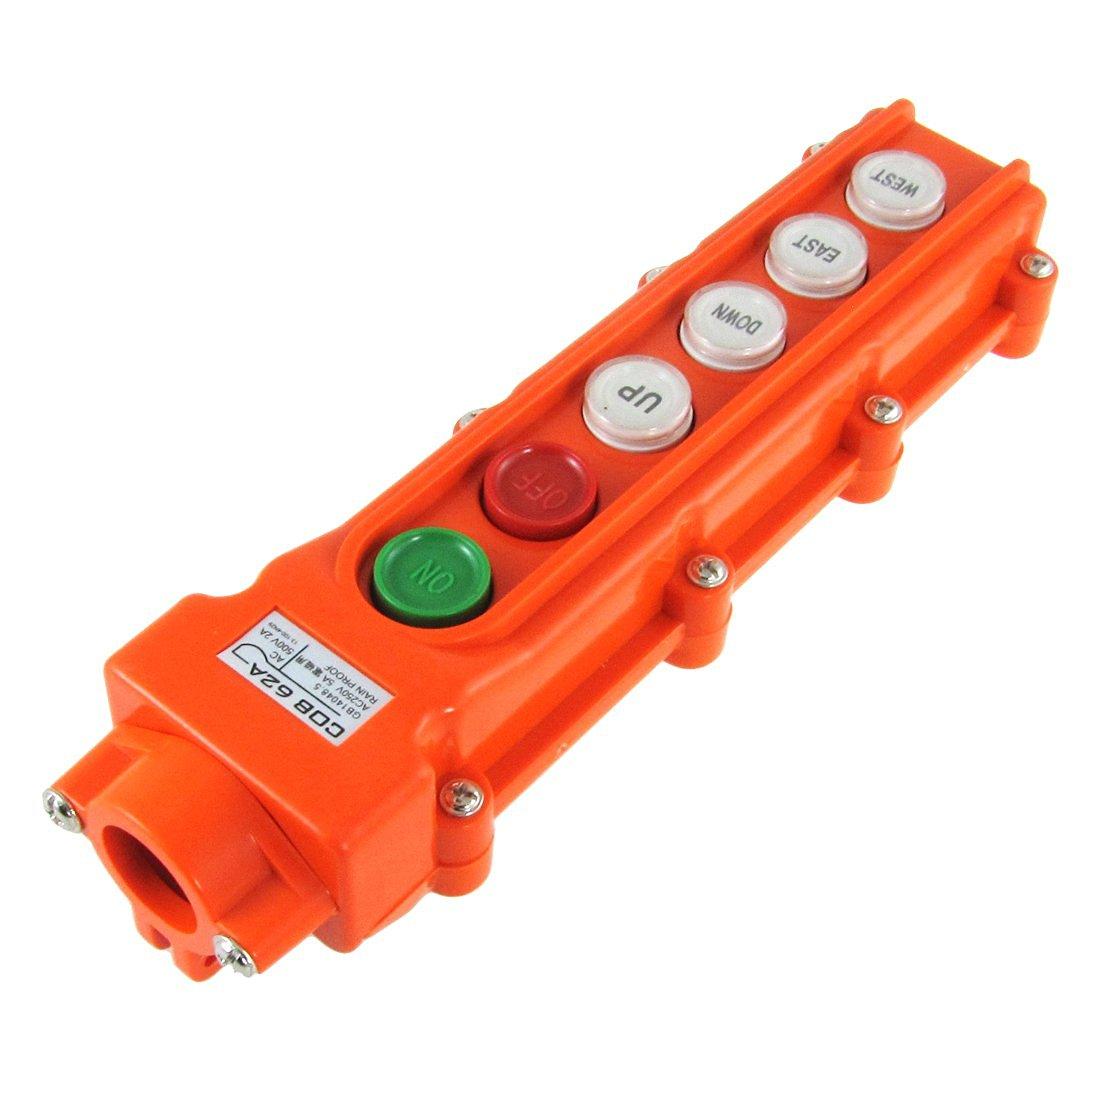 1PC COB-62A  Hoist And Crane Pendant Control Station Push Button Switch 6 Ways